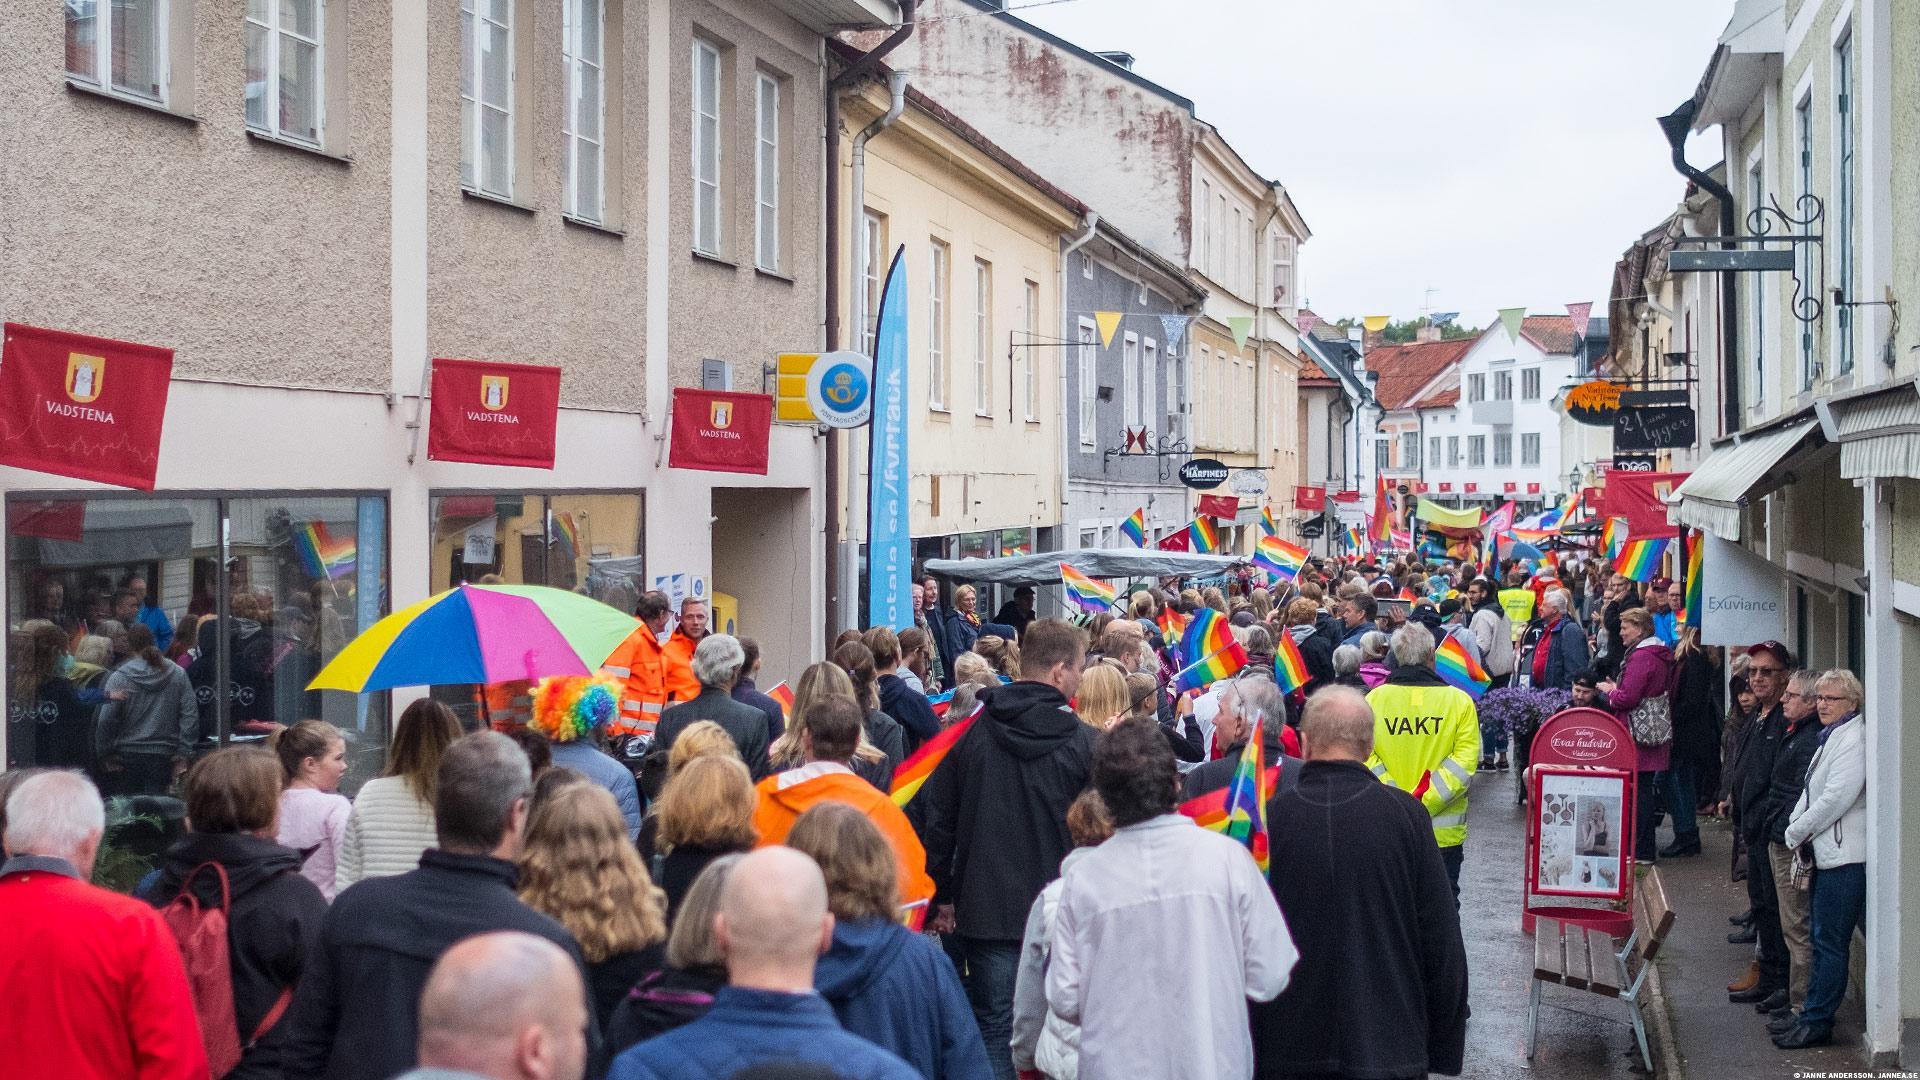 Vadstena Pride|© Janne A